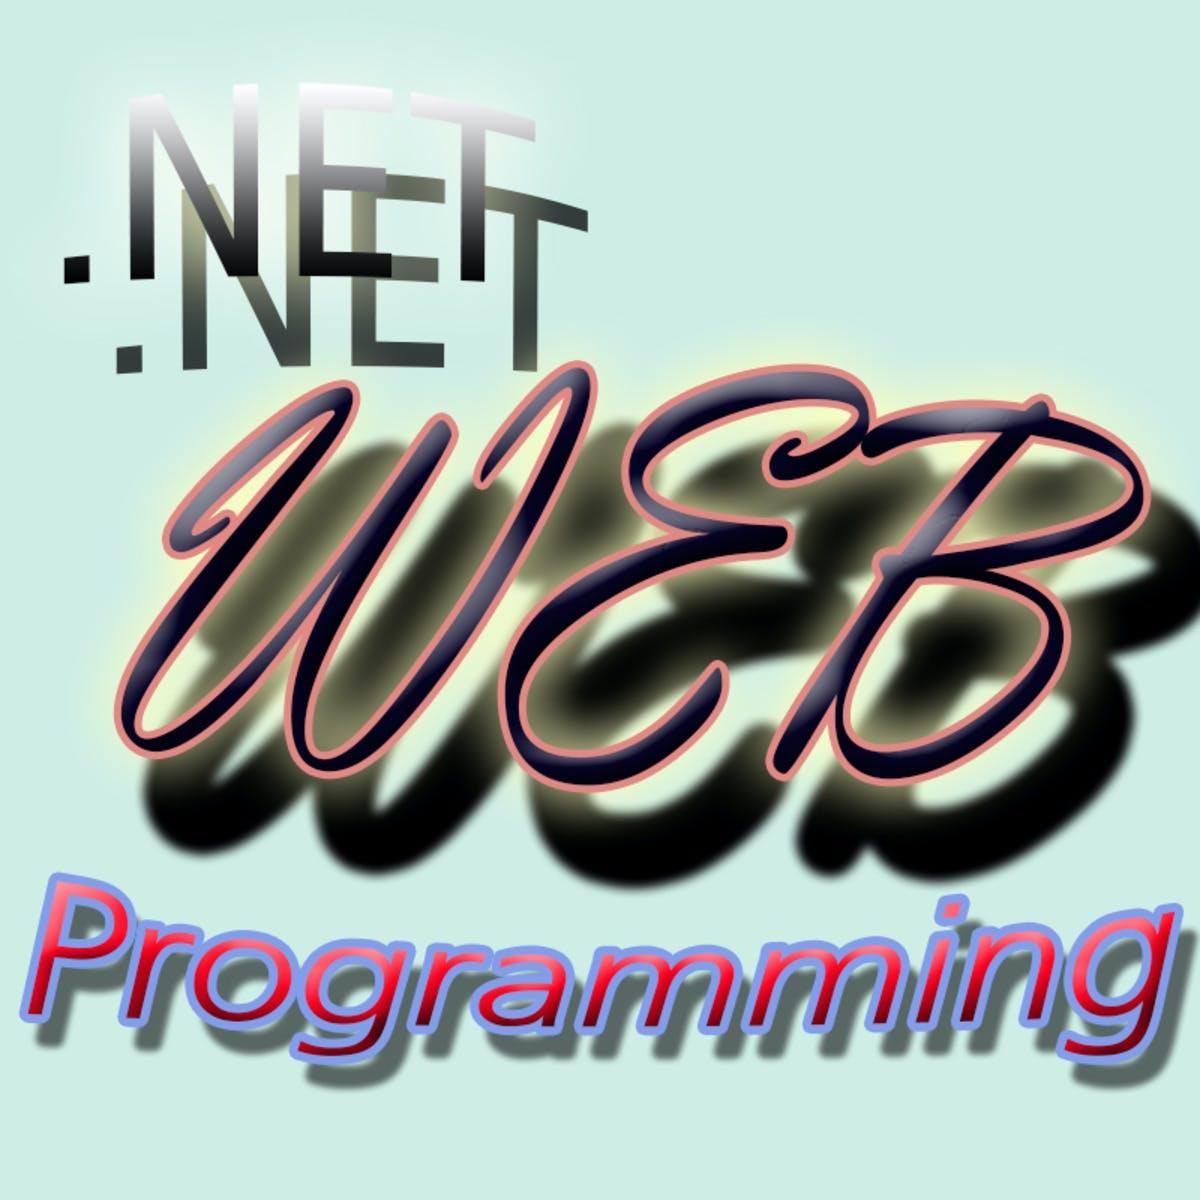 基于.Net的Web开发技术